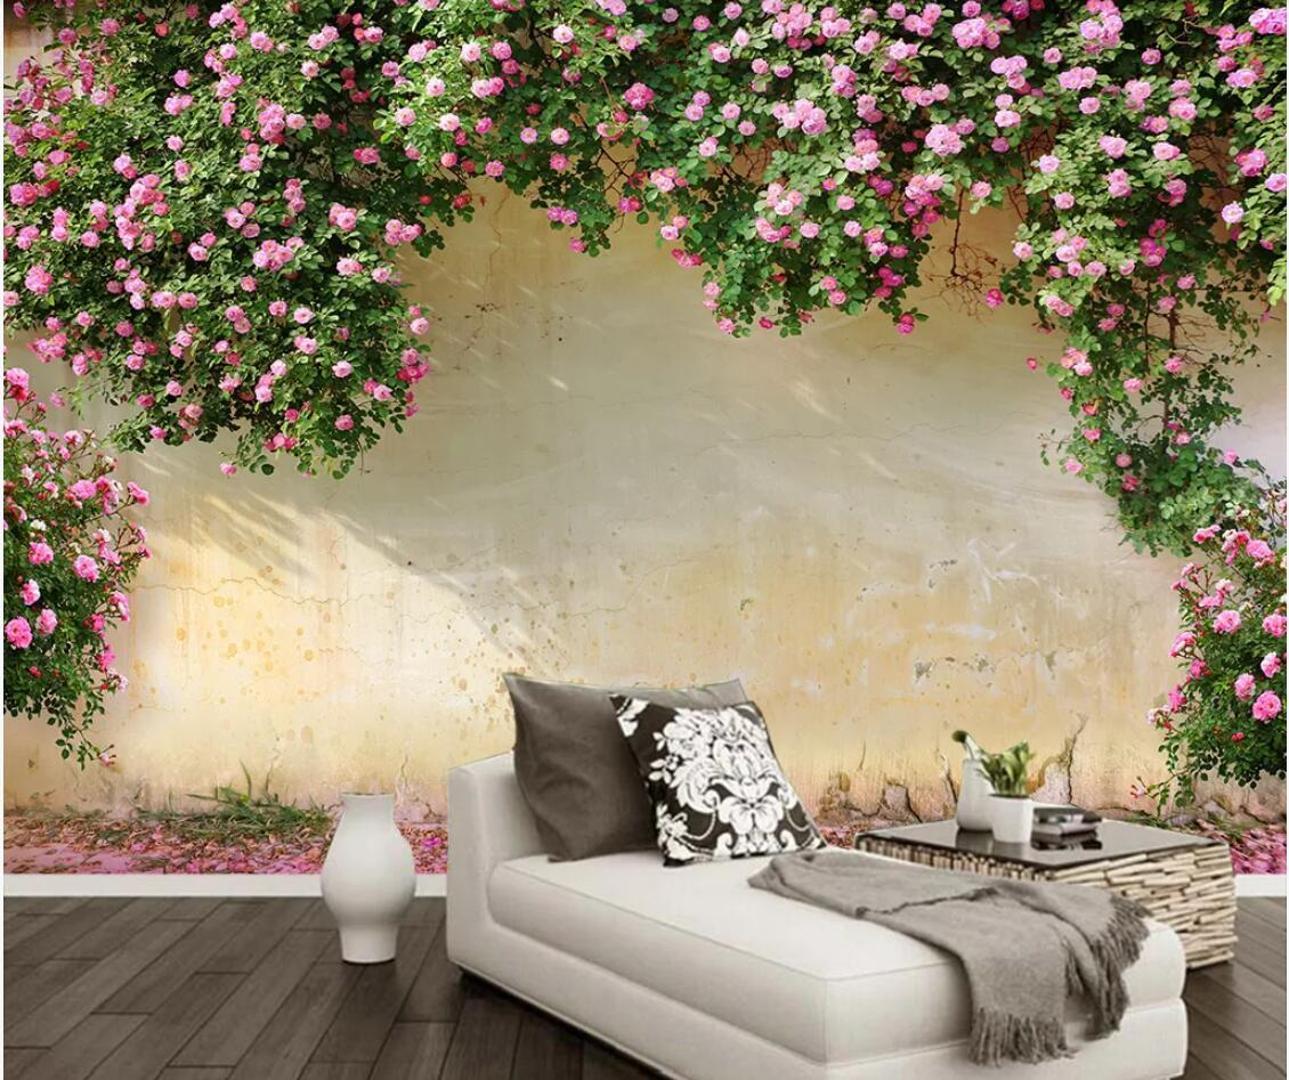 3d جدارية خلفية روز خلفية جدار ديكور غرفة المعيشة التلفزيون خلفية الكوفيرينج للجدران 3 د زهرة الجداريات